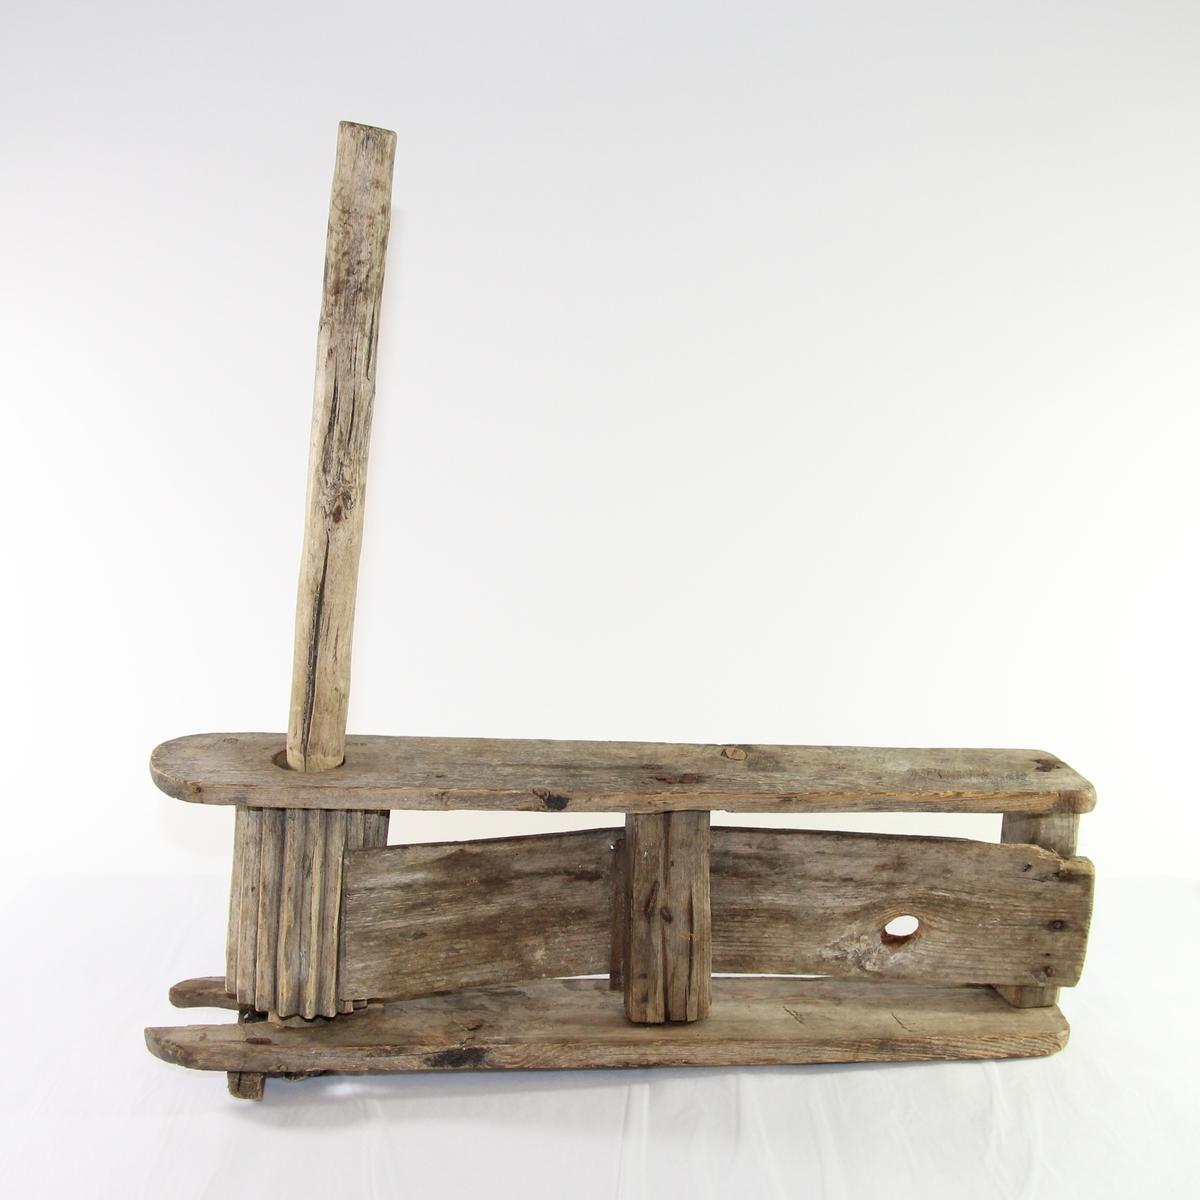 Skralle fra Hofsøy som ble brukt til å skremme bort fugler eller dyr som kom inn på innmark eller åkrer. Ble blant annet brukt til å jage hesteflokkene som gikk i utmark på beite hvis de kom inn på gården og slåttemarkene.